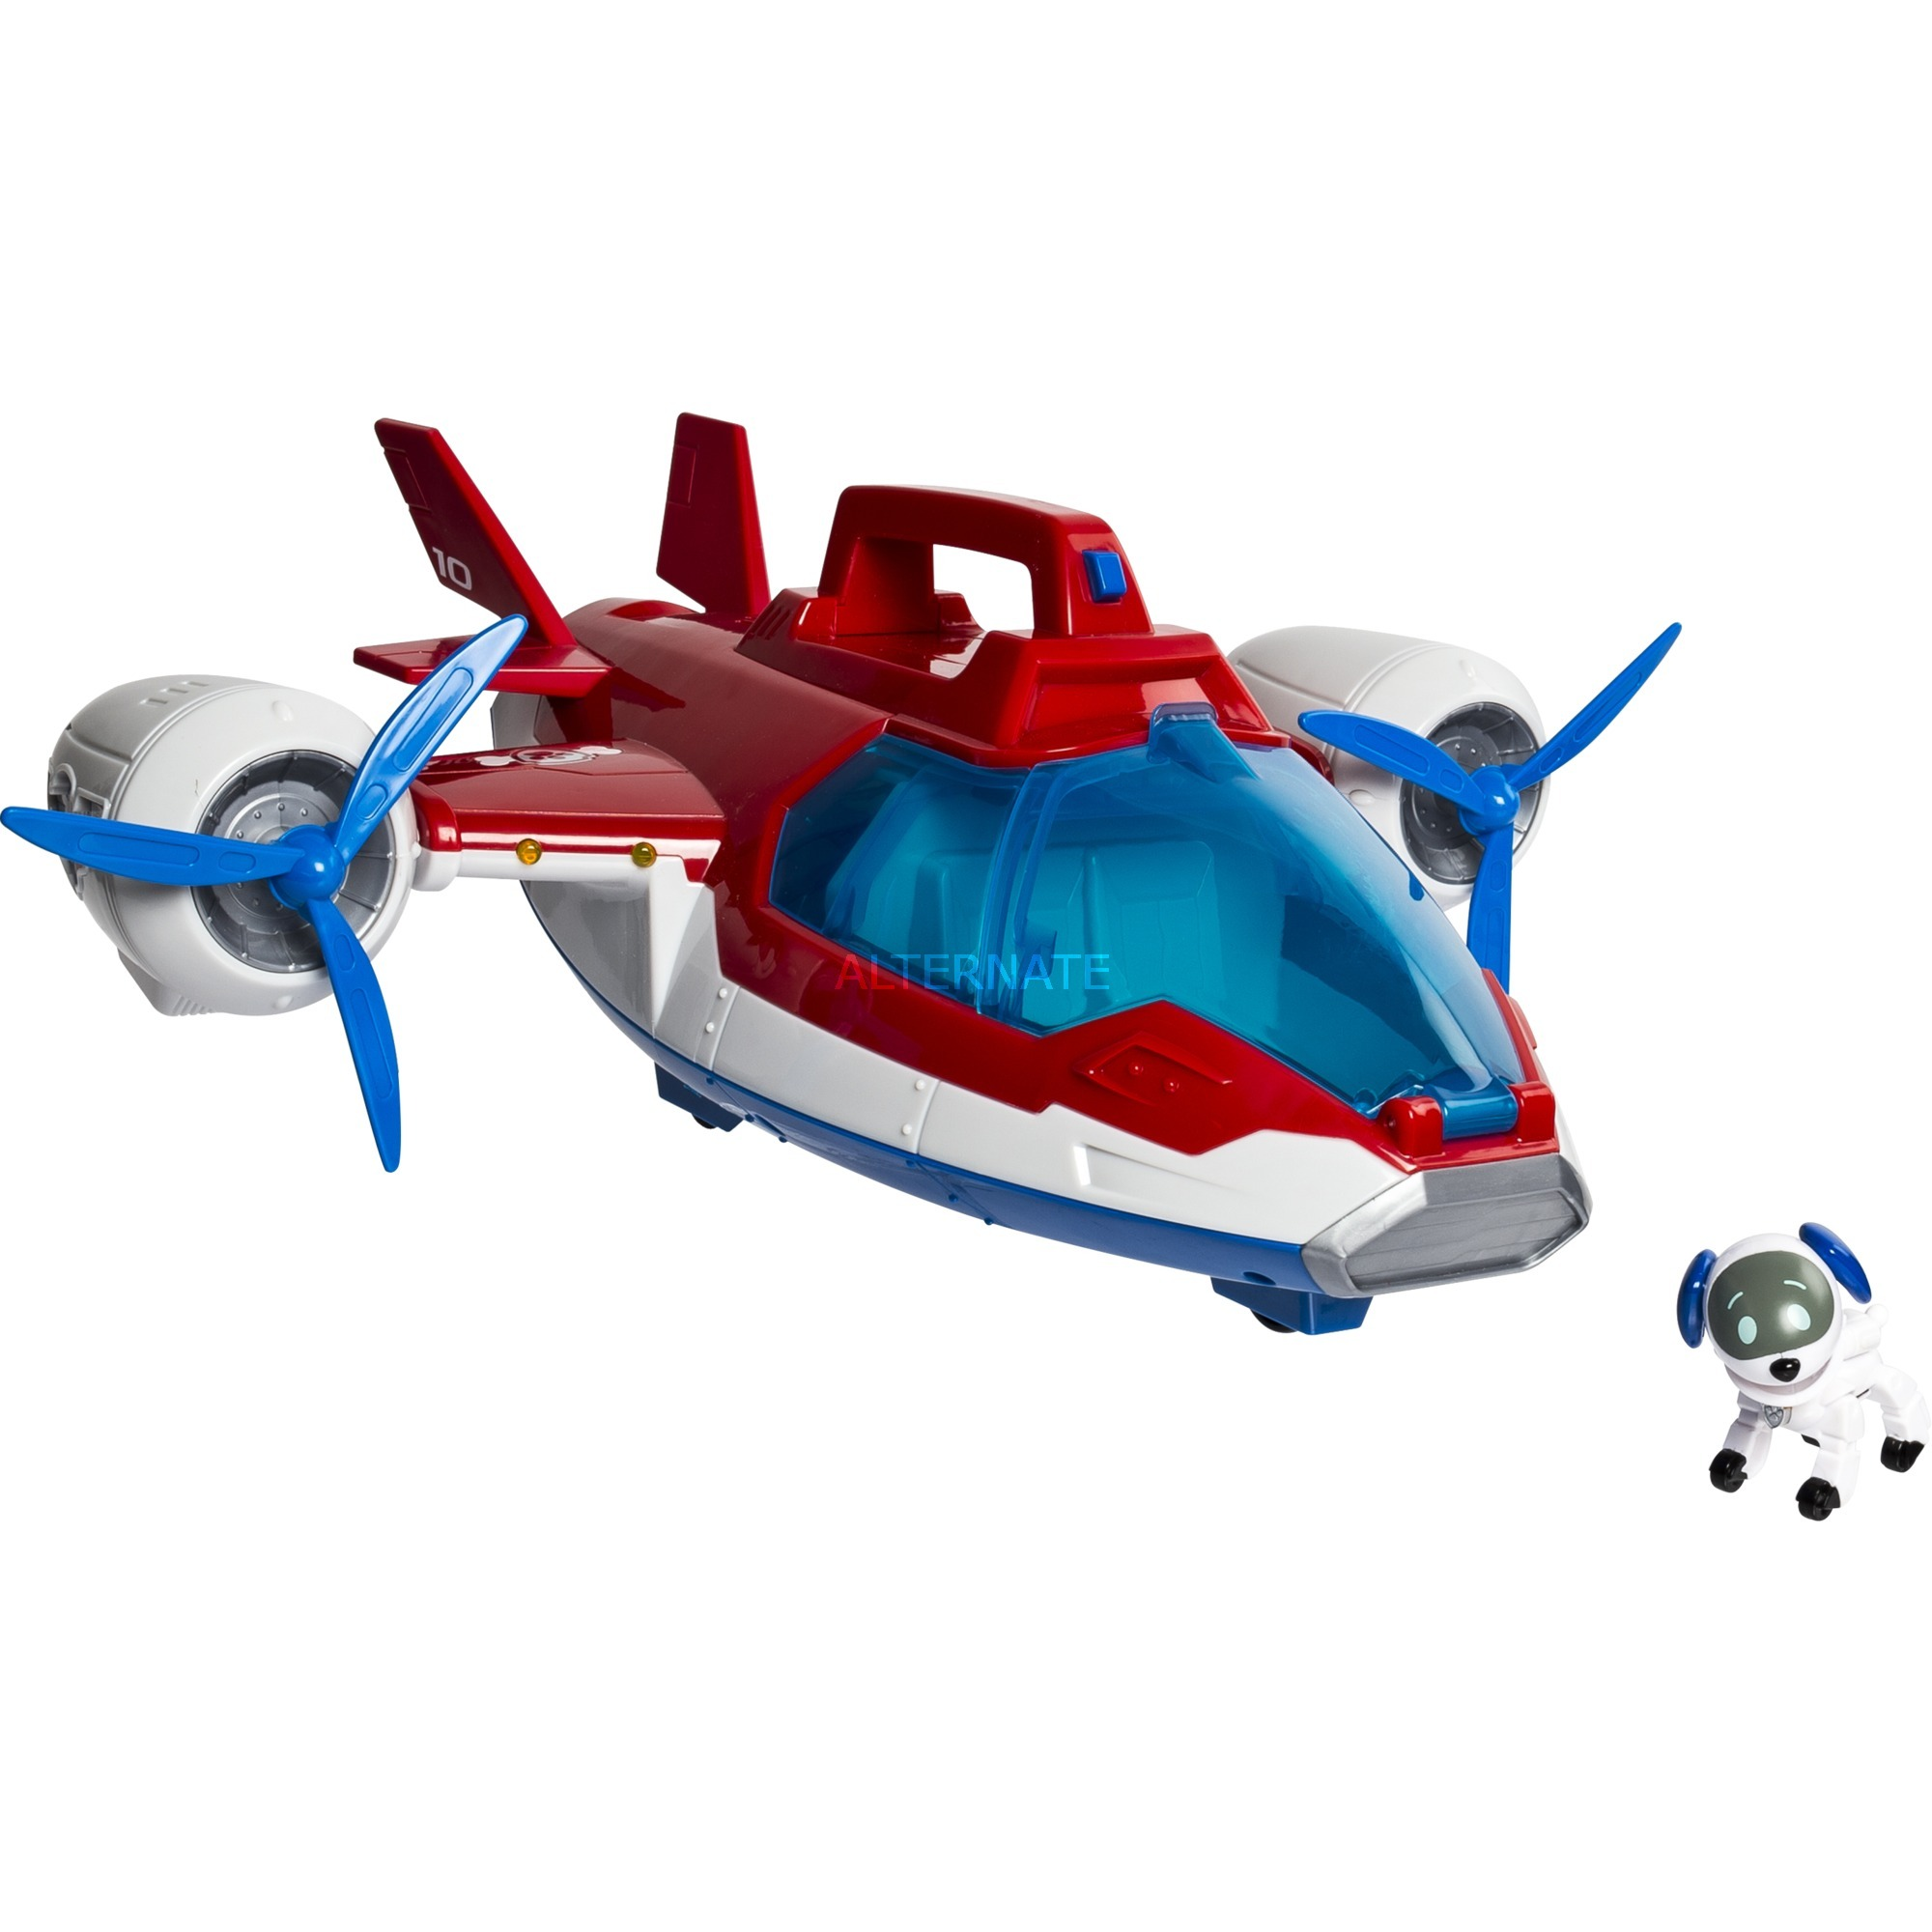 6026623-spil-figur